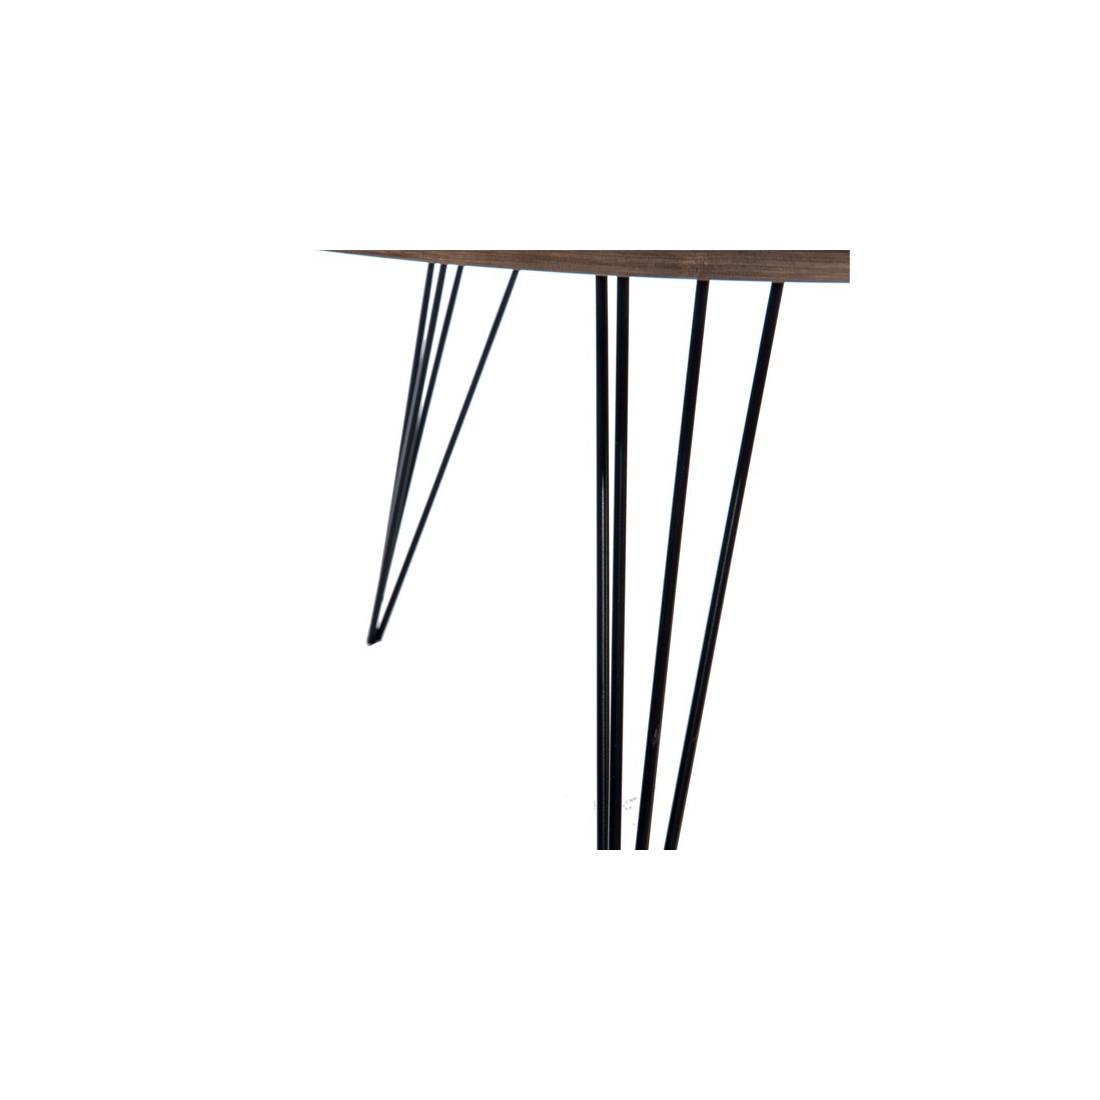 Table basse bois fum et m tal noir gustave univers salon - Table basse metal noir ...